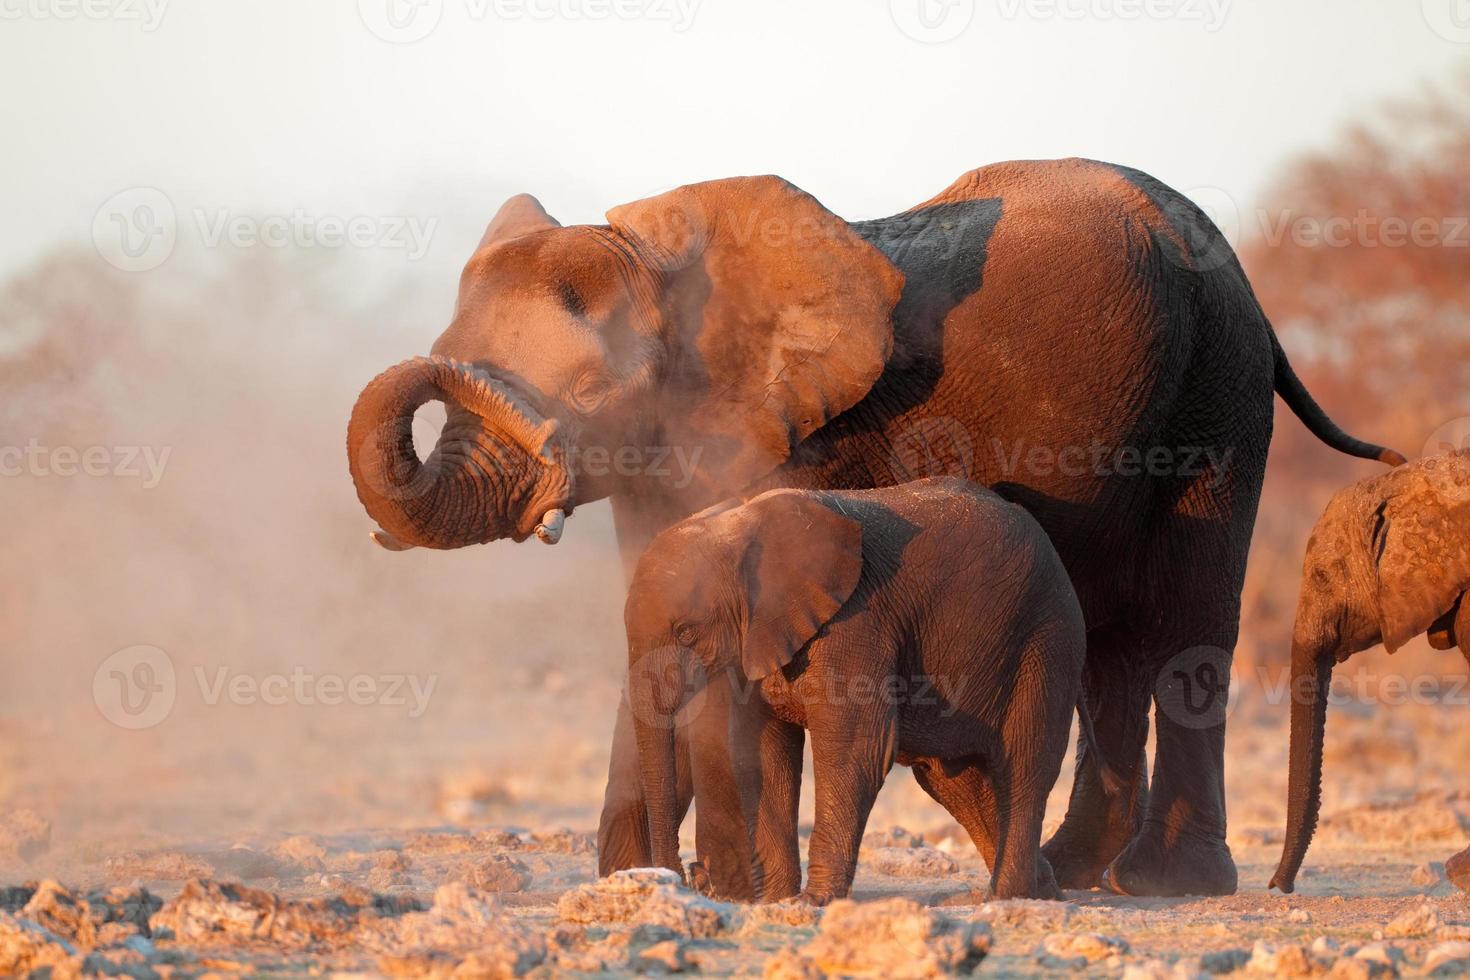 elefantes africanos cubiertos de polvo foto